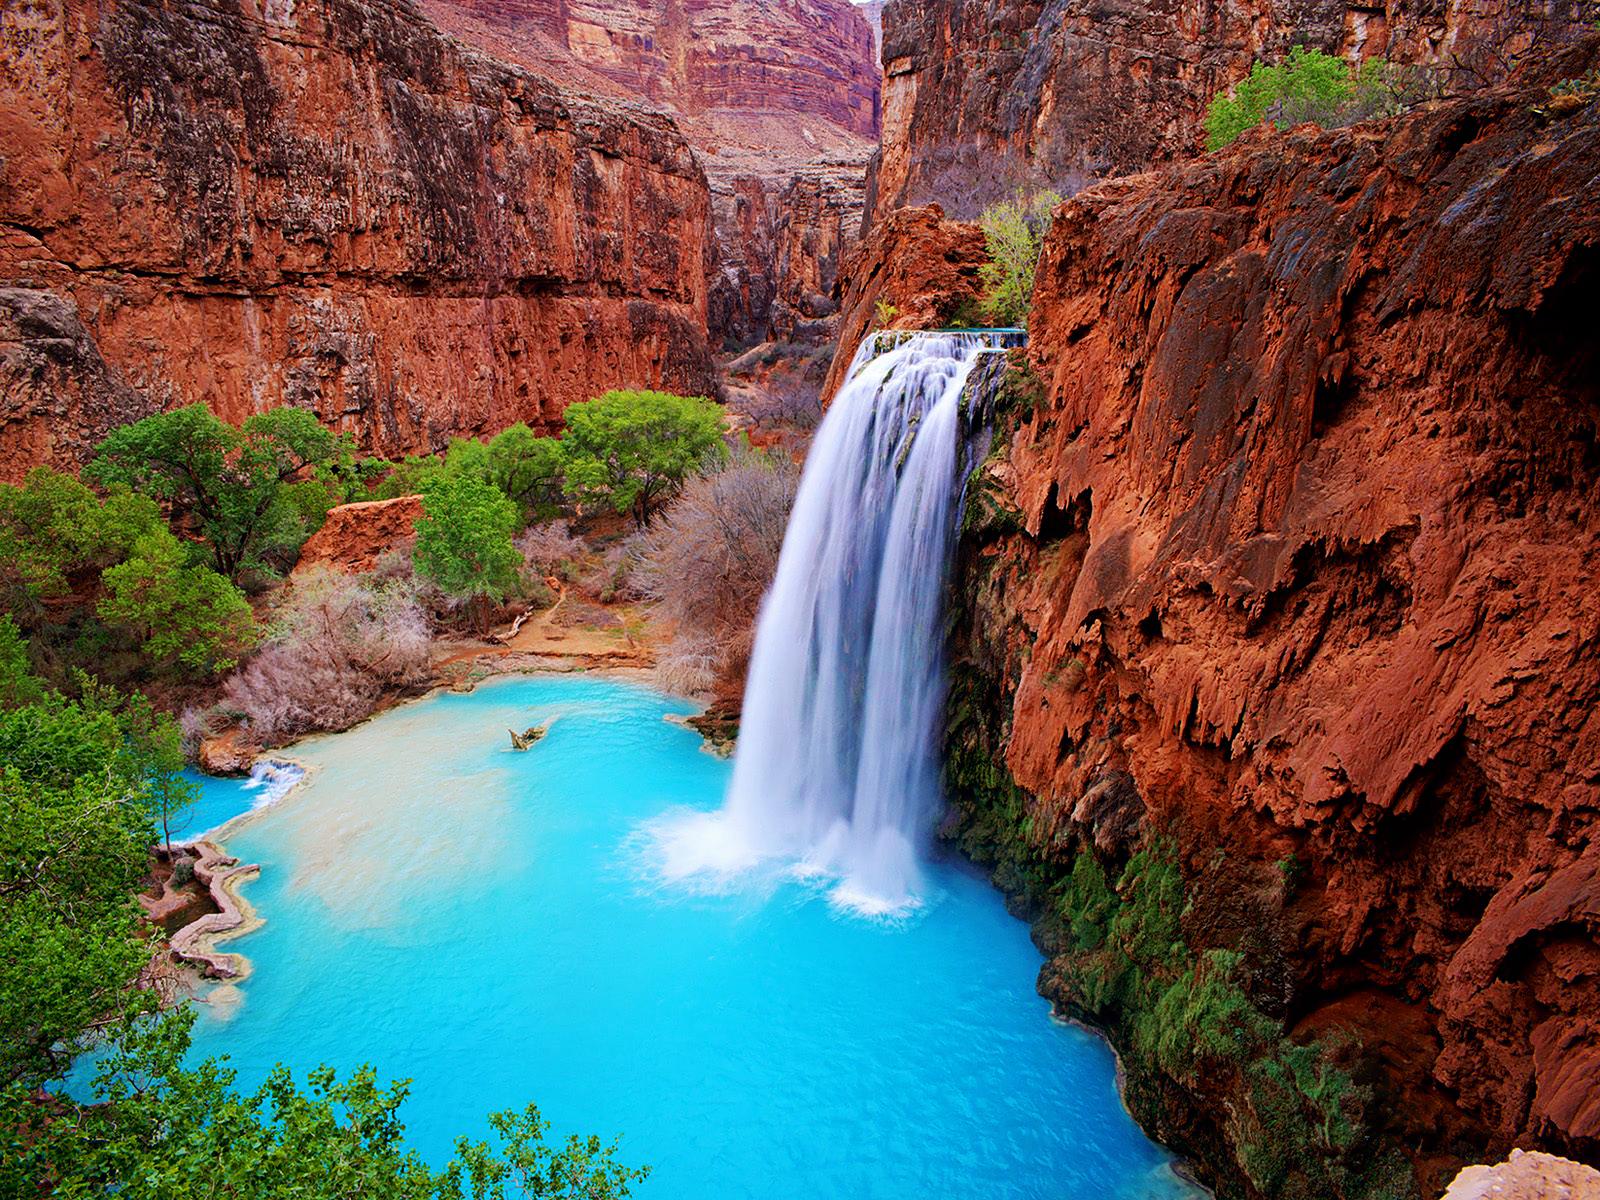 http://4.bp.blogspot.com/_e8UnOo2PQhY/S7M1qCwK97I/AAAAAAAAAQs/S0d202Ewe_A/s1600/Hidden+Canyon+Waterfall+waLp+tangledwing.png